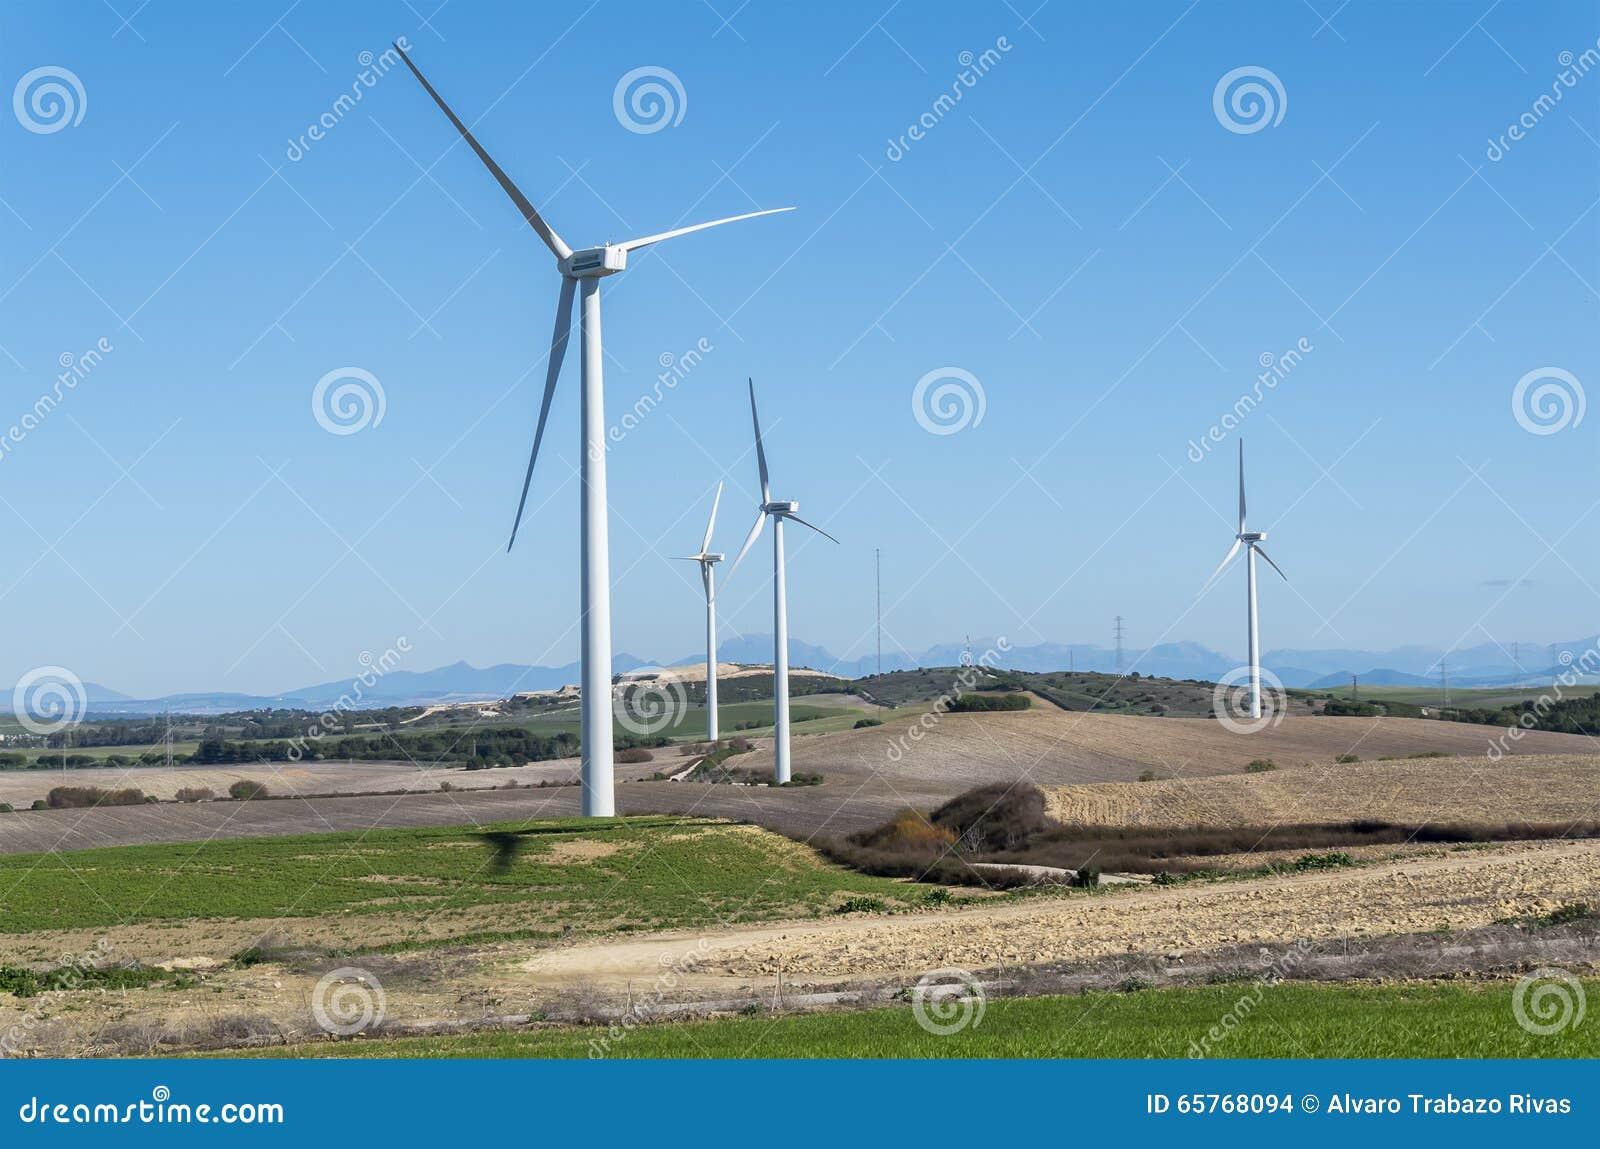 Windmolens voor stroomproductie, ecomacht, windturbine